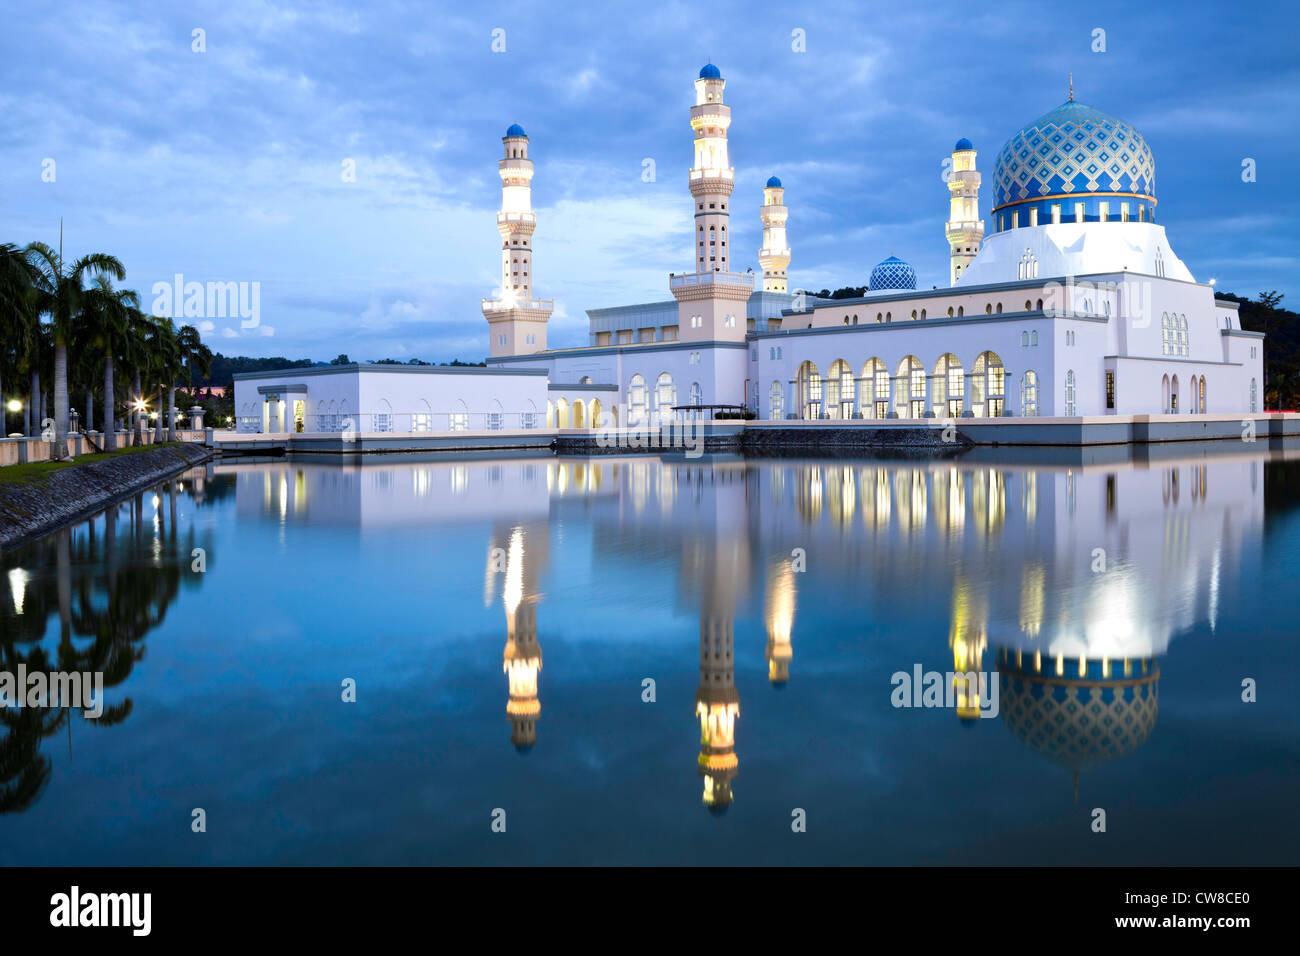 Kota Kinabalu City Mosque at dusk. - Stock Image